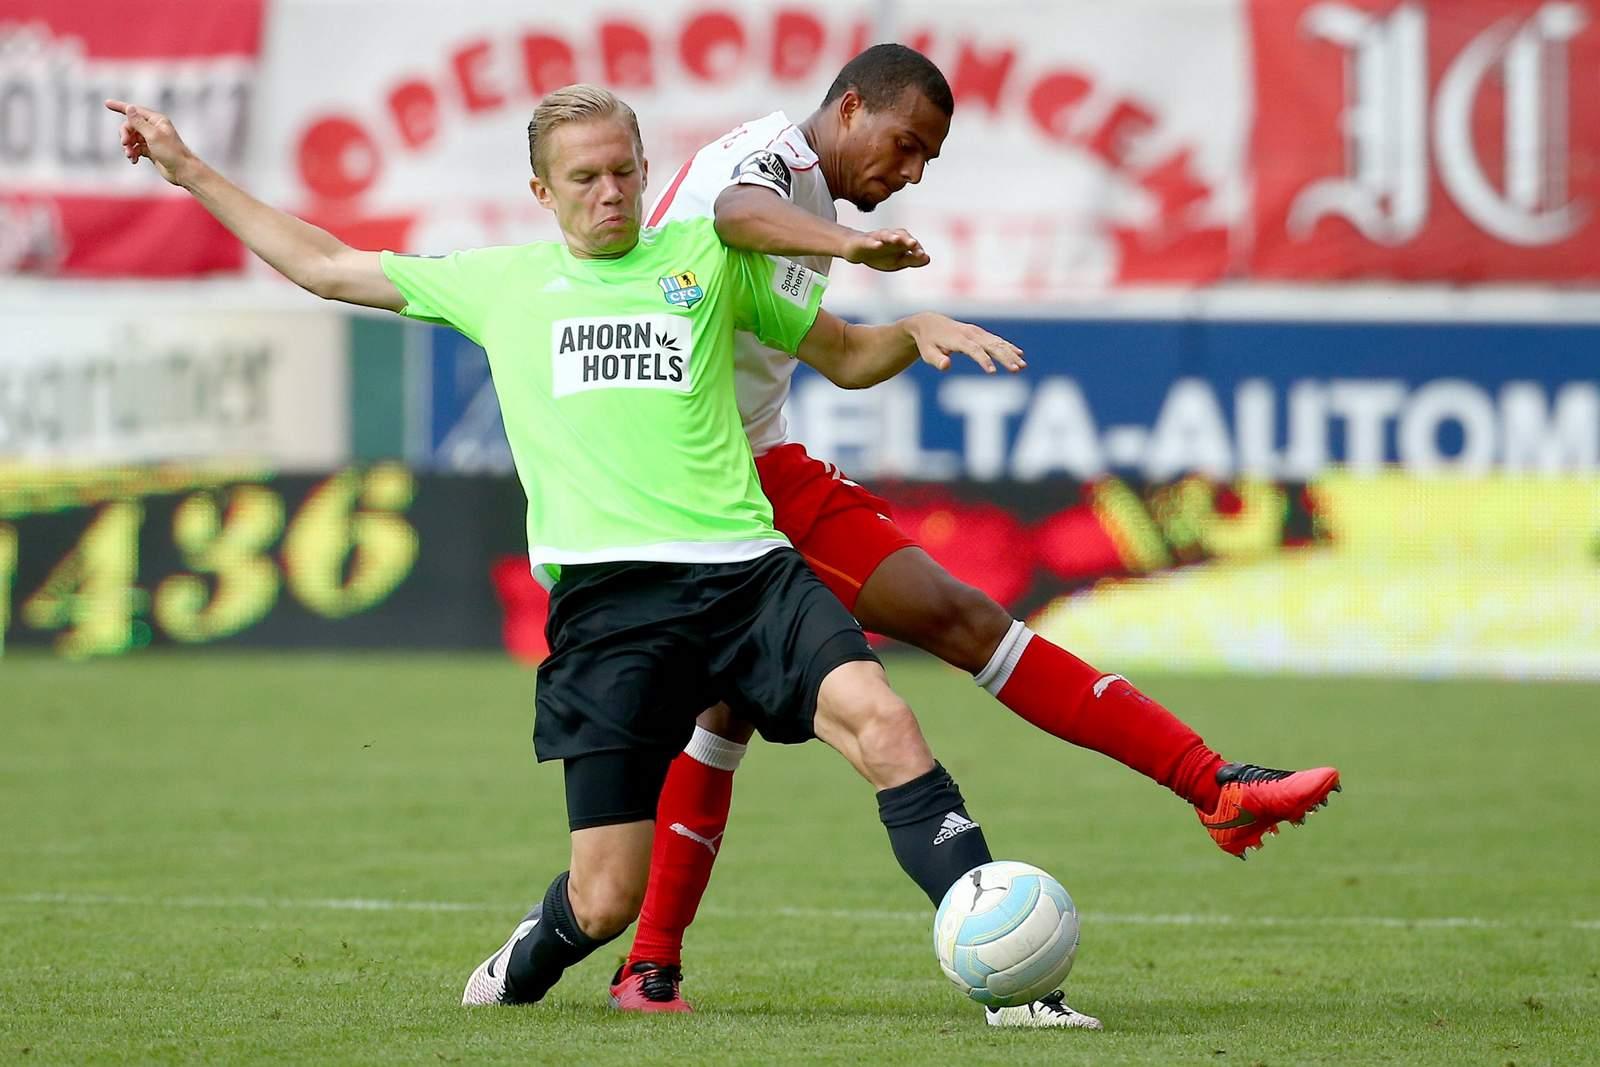 Dennis Grote im Duell gegen Marvin Ajani. Wer gewinnt? Jetzt auf Halle gegen Chemnitz wetten!